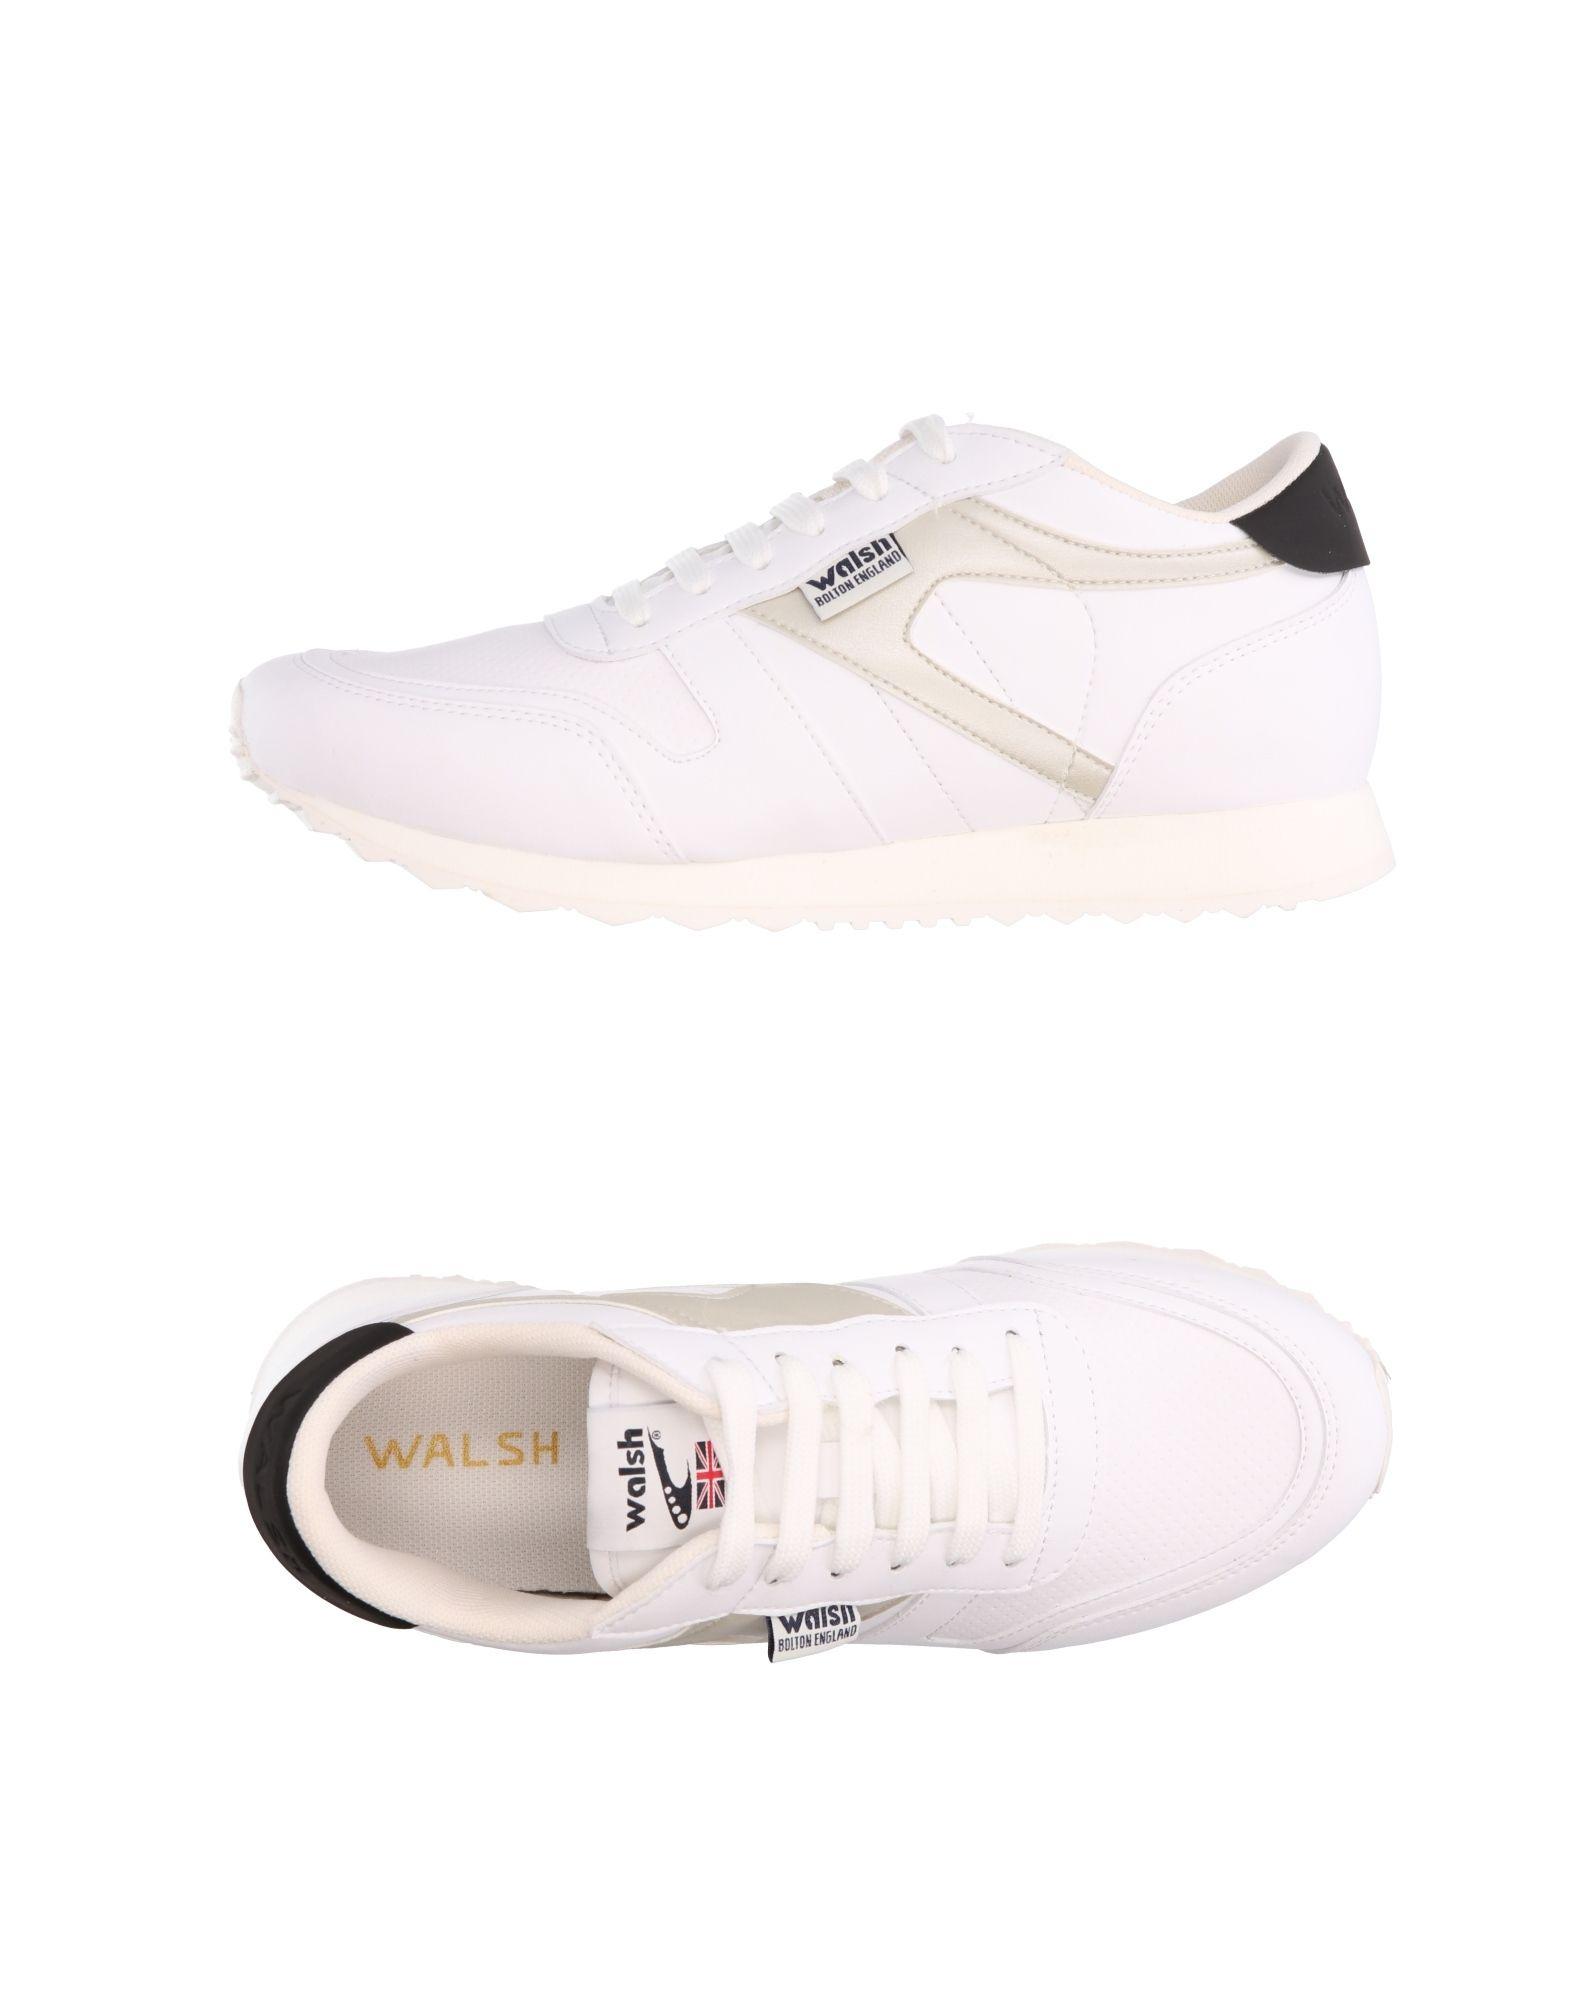 WALSH Низкие кеды и кроссовки pierre hardy низкие кеды и кроссовки